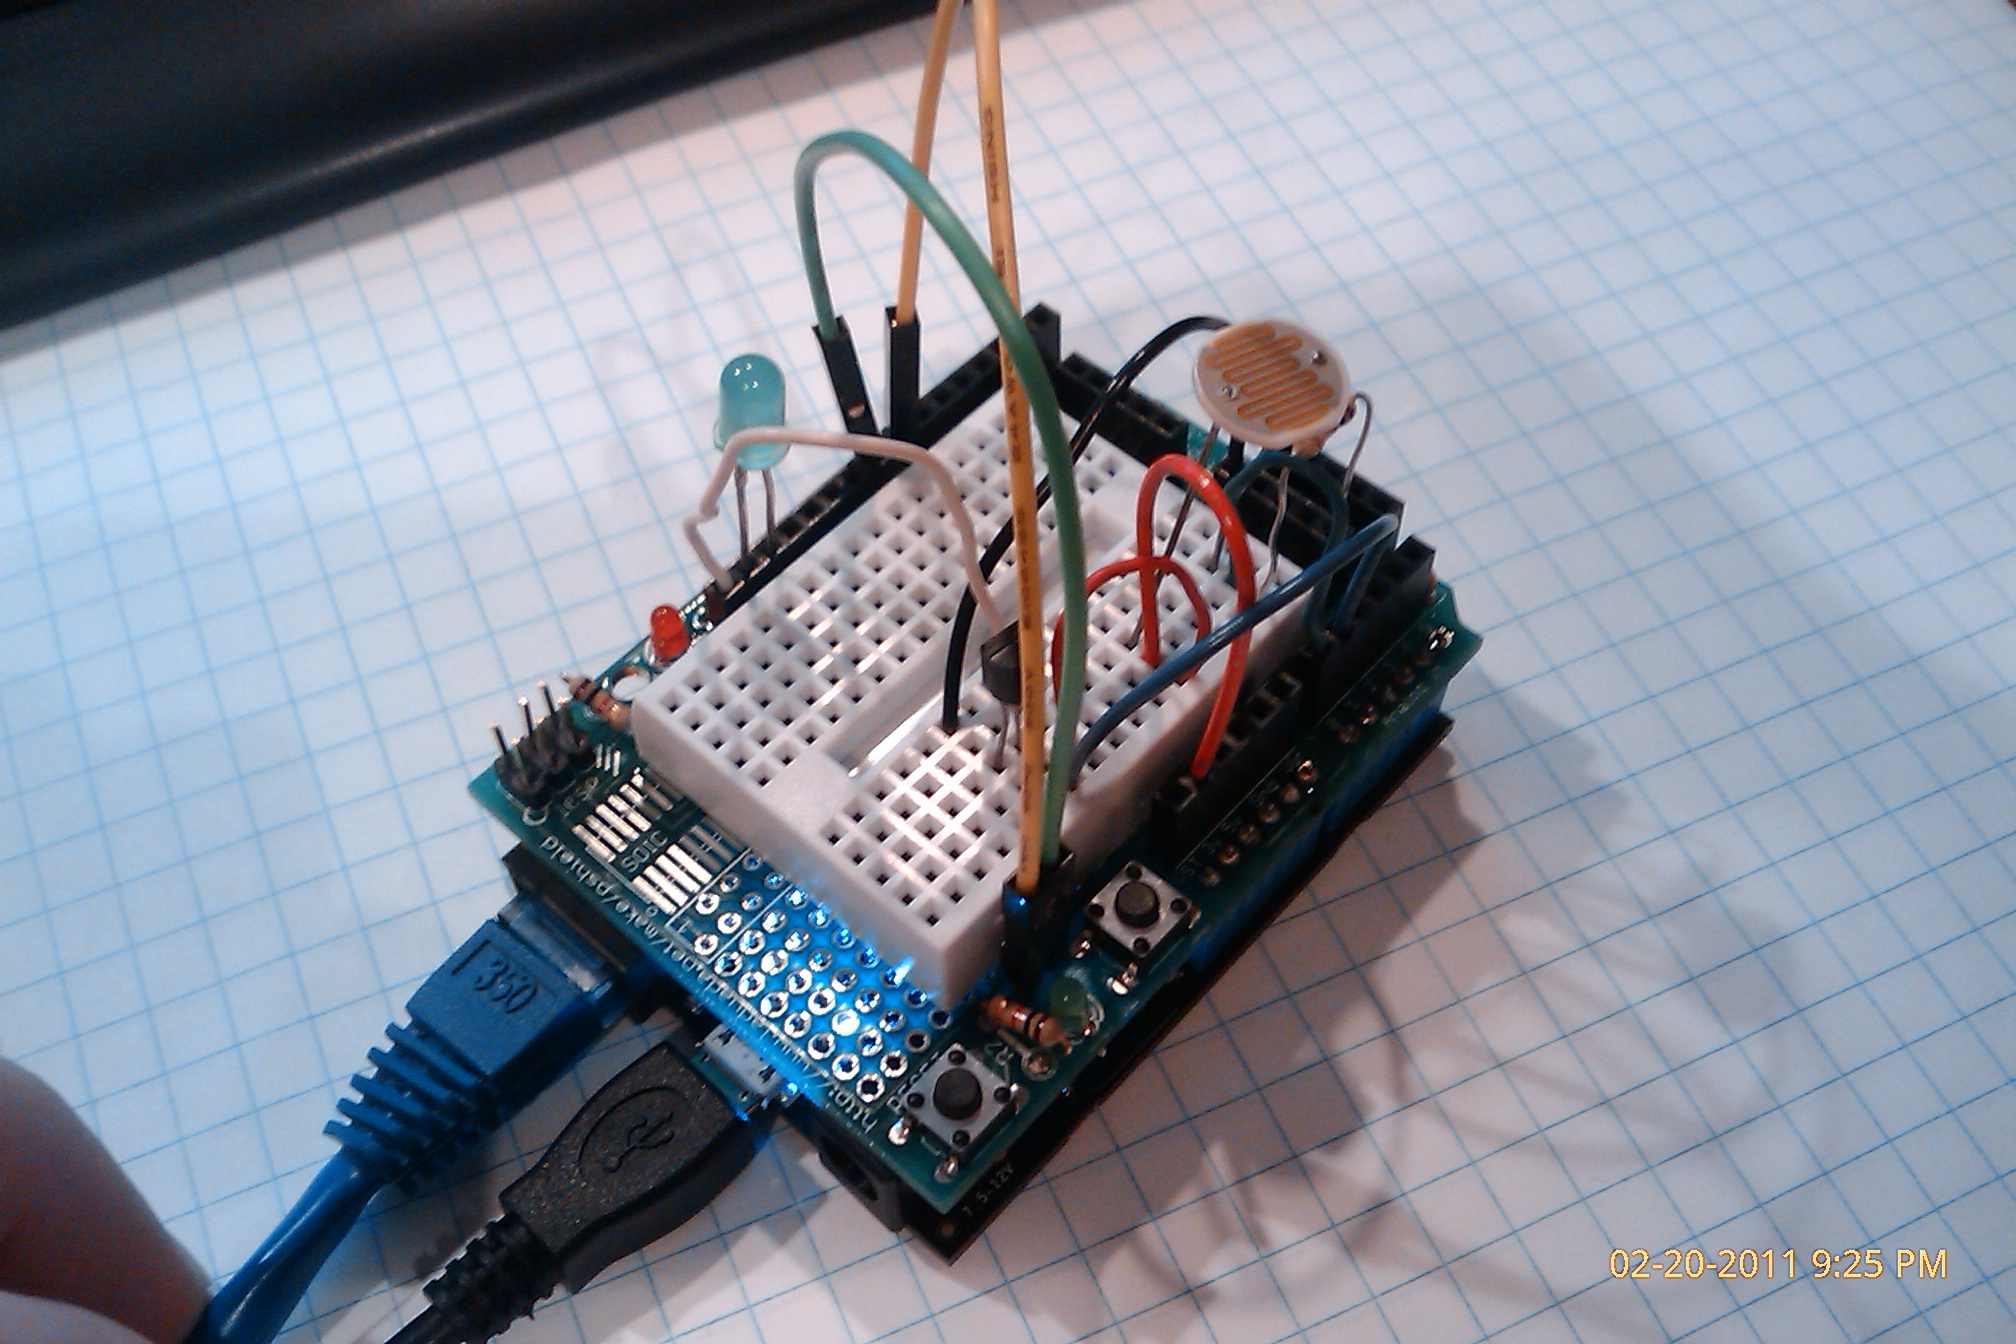 Netduino Plus with Arduino Protoshield